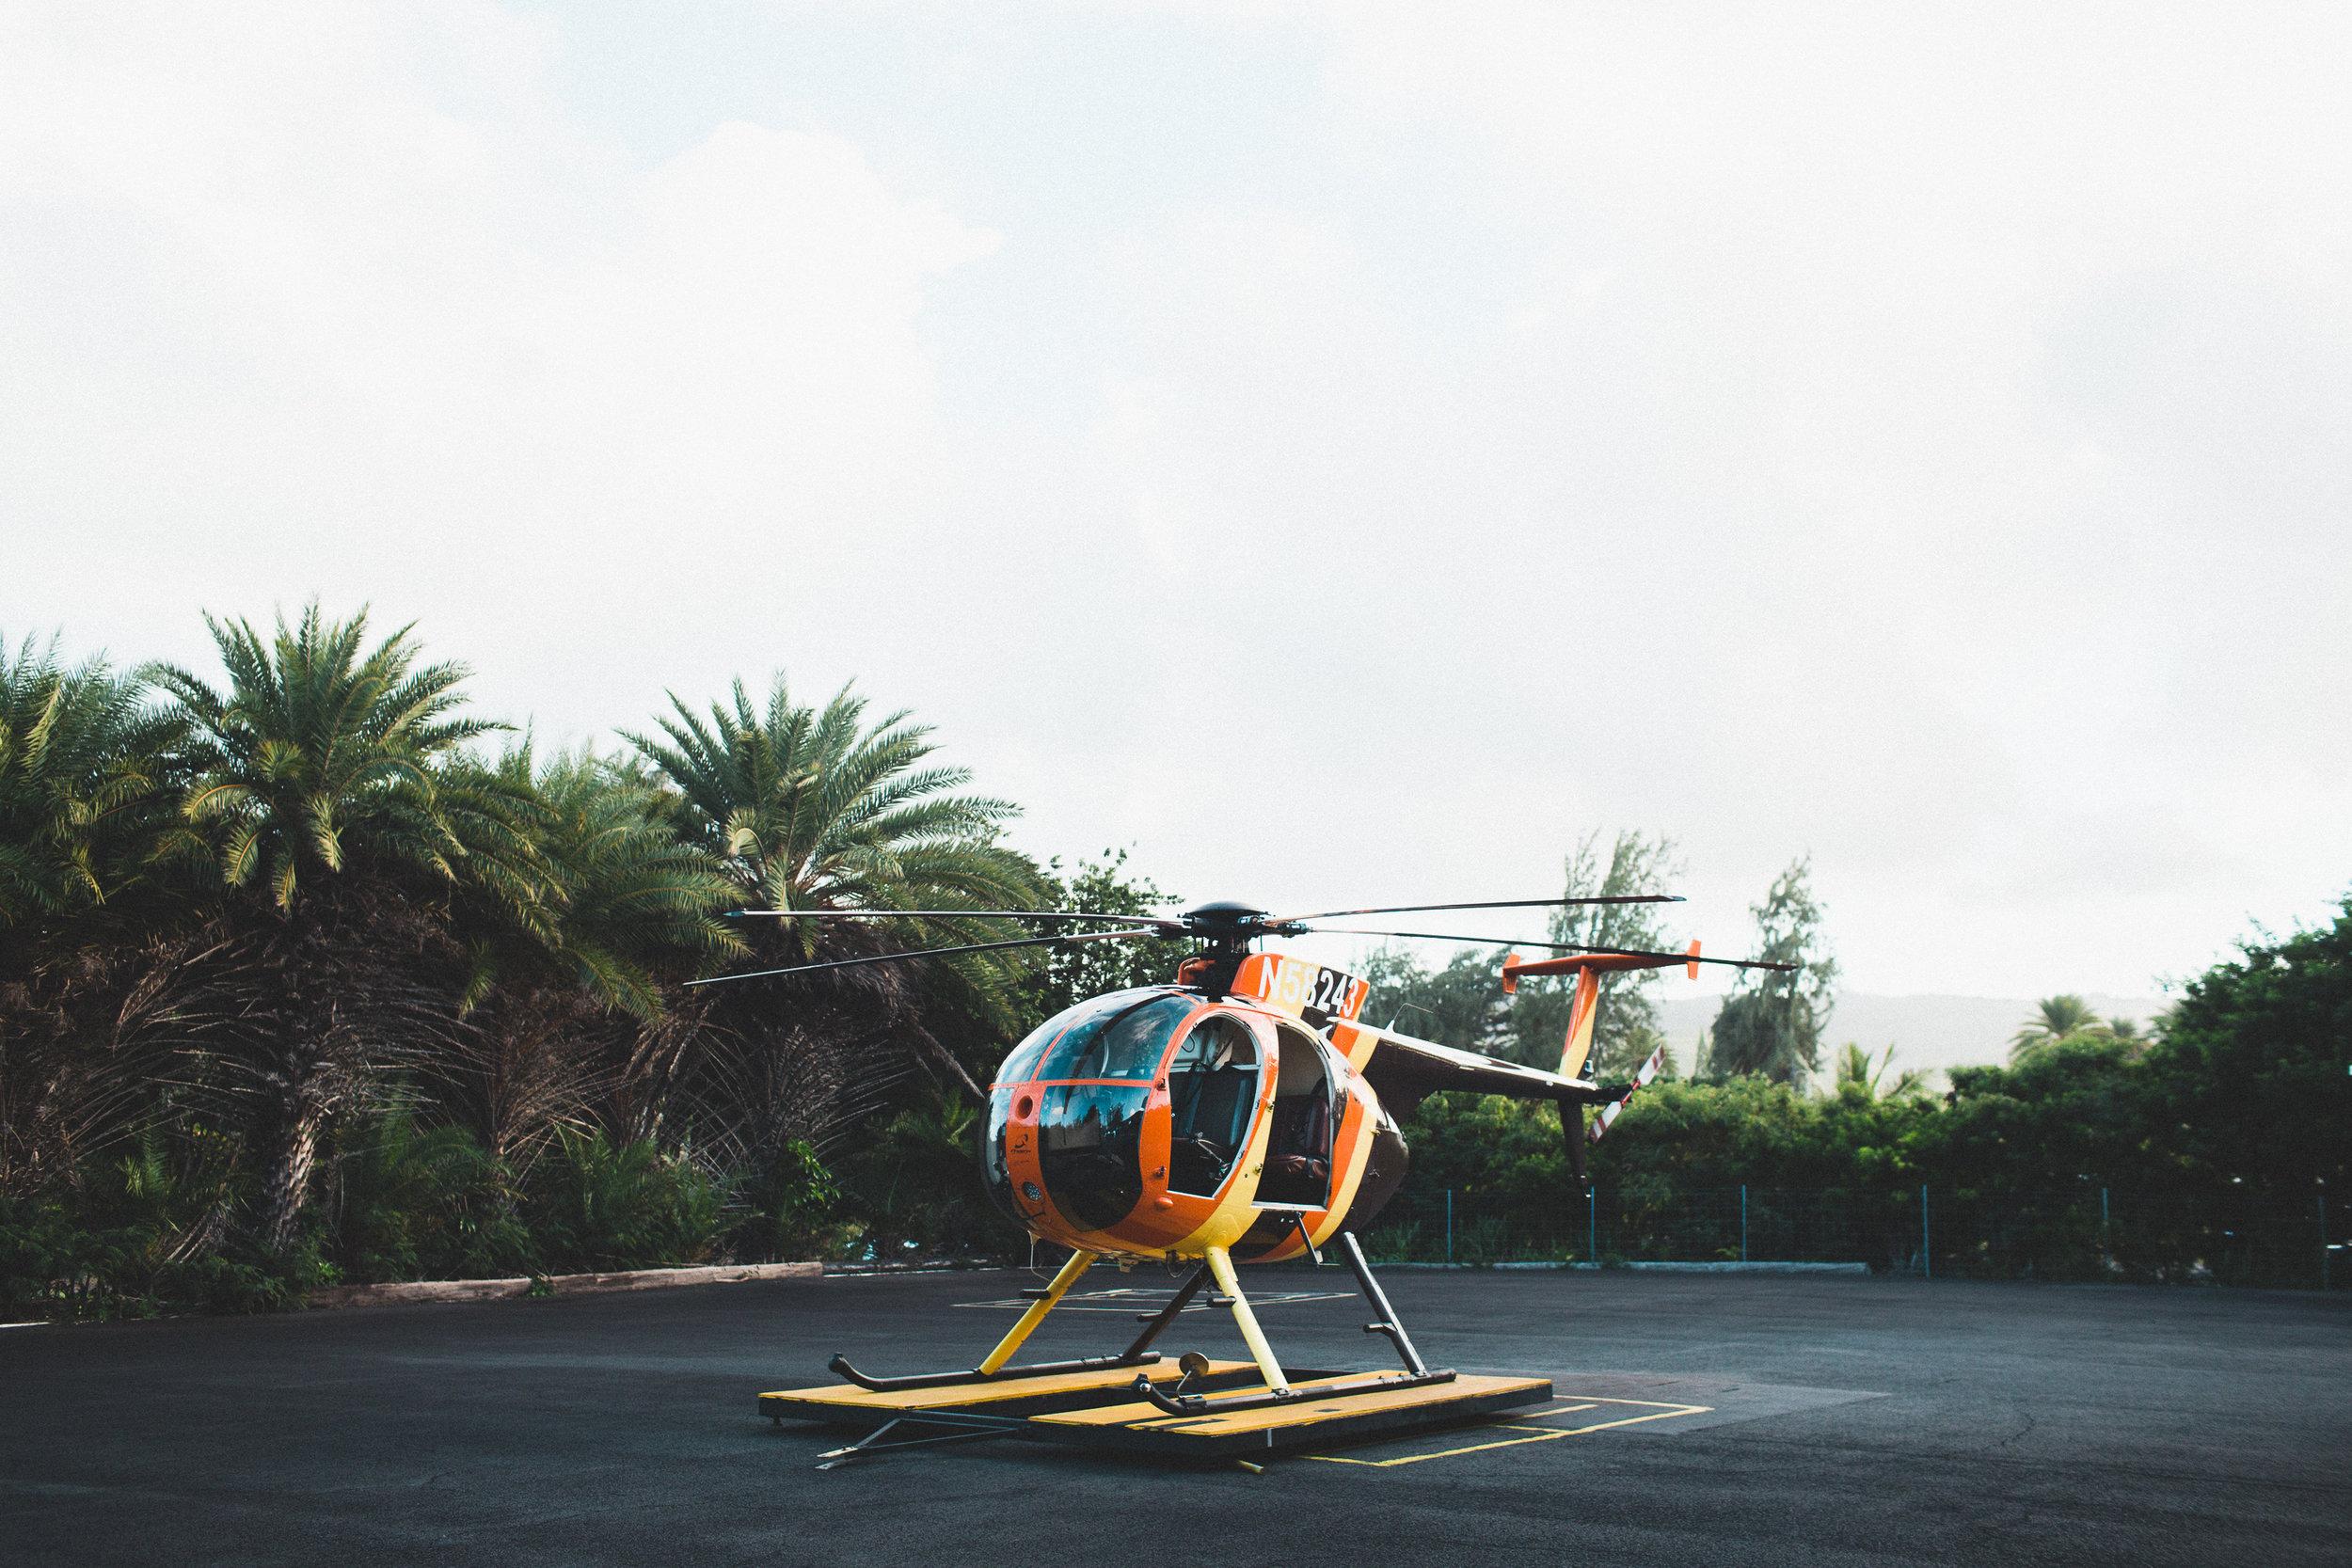 helicopter-StockSnap_KVOSO6JG8F.jpg